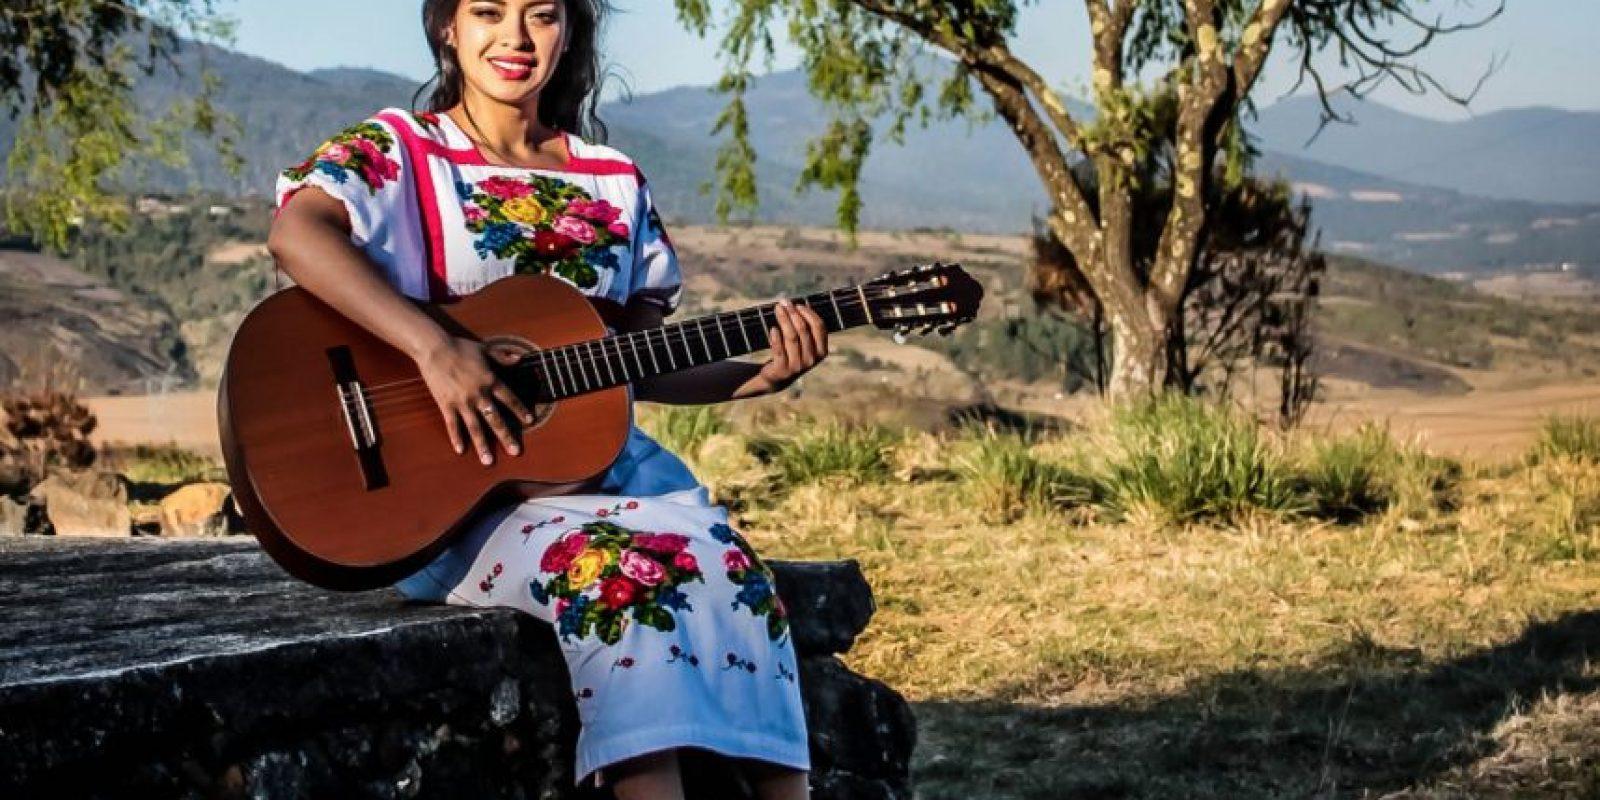 Las guitarras de Paracho son reconocidas internacionalmente. Foto:Cortesía